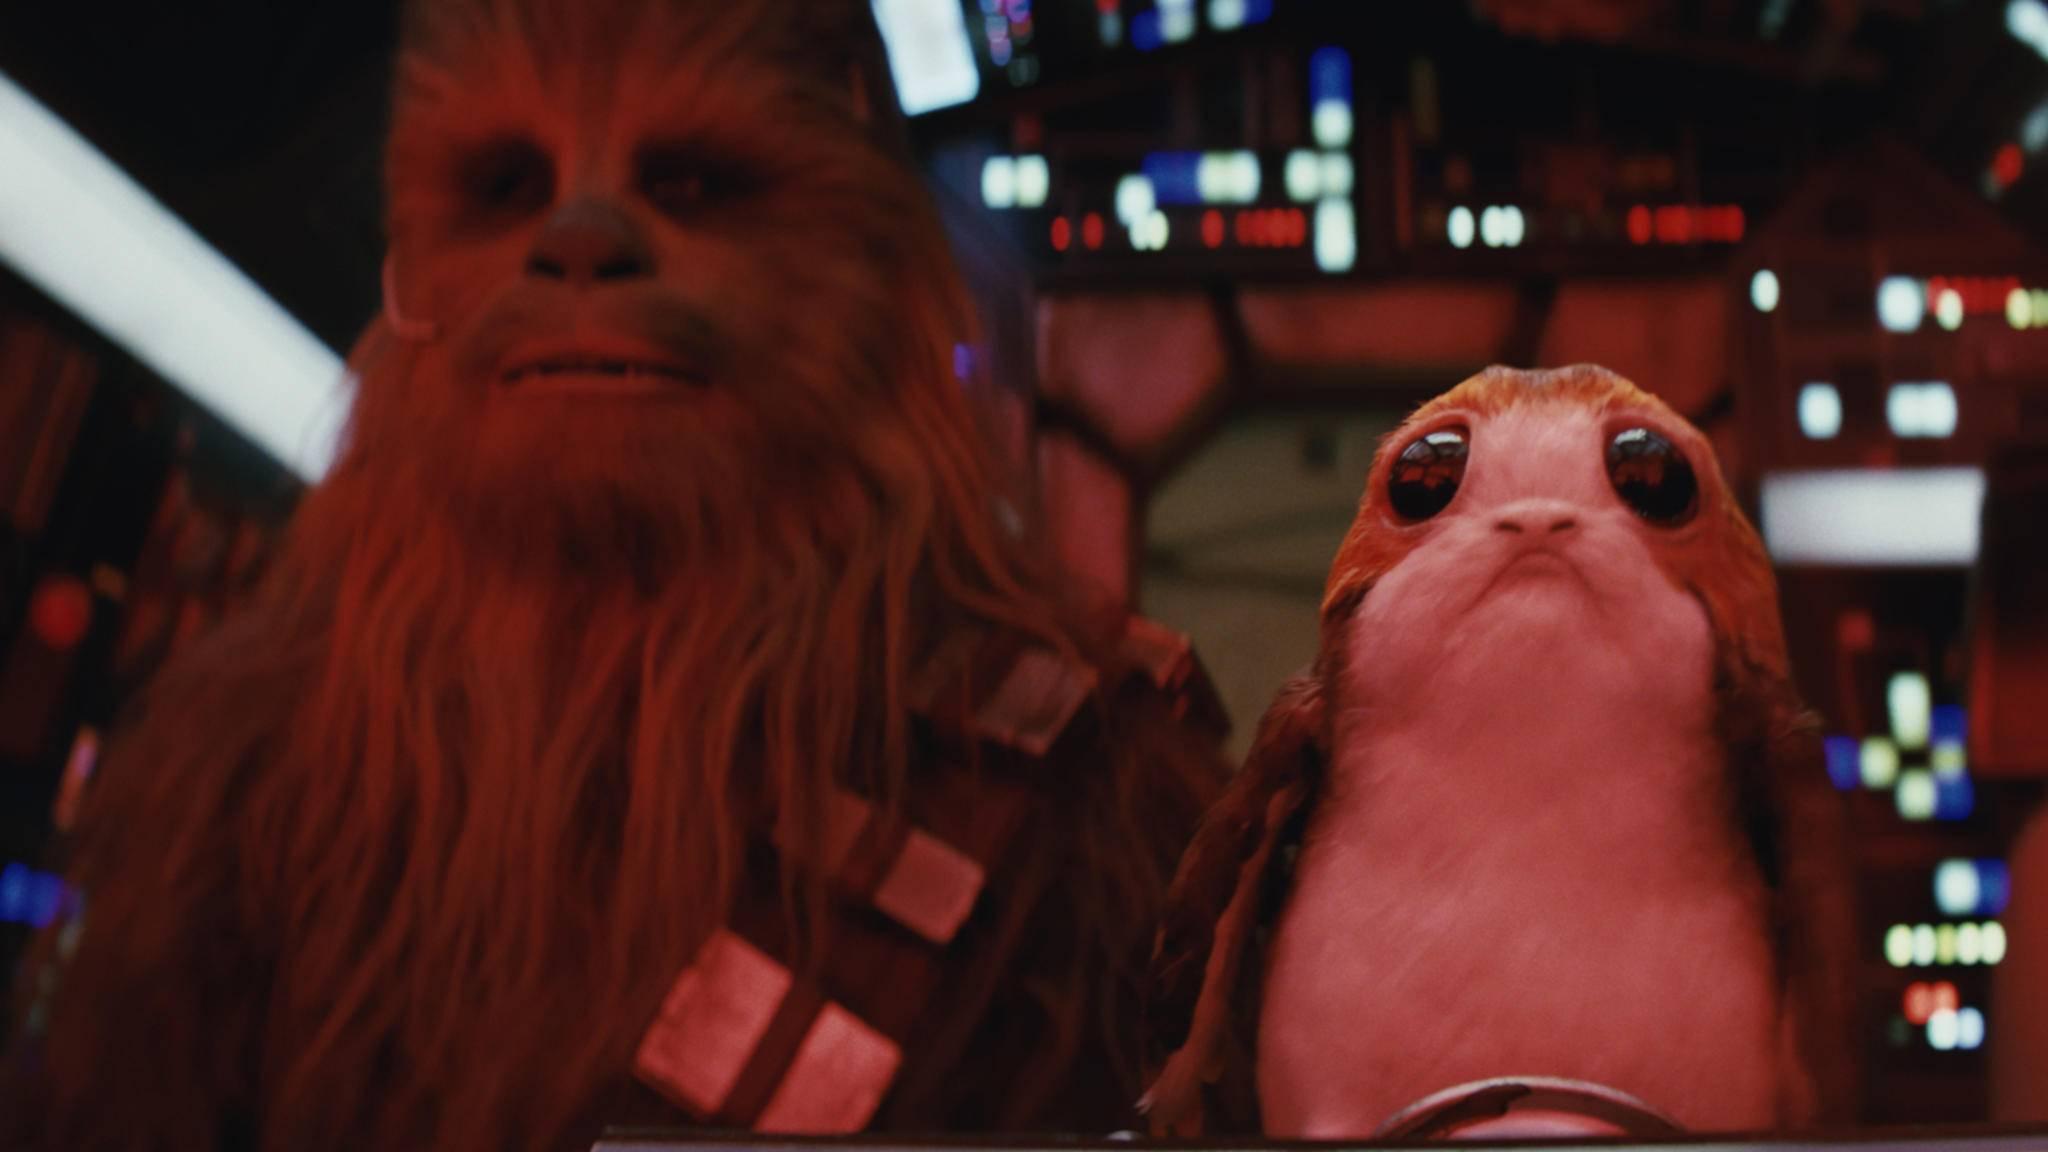 """Wer könnte diesem Blick widerstehen? Zahlreiche Promis stehen zumindest schon längst im Bann der """"Star Wars""""-Charaktere."""